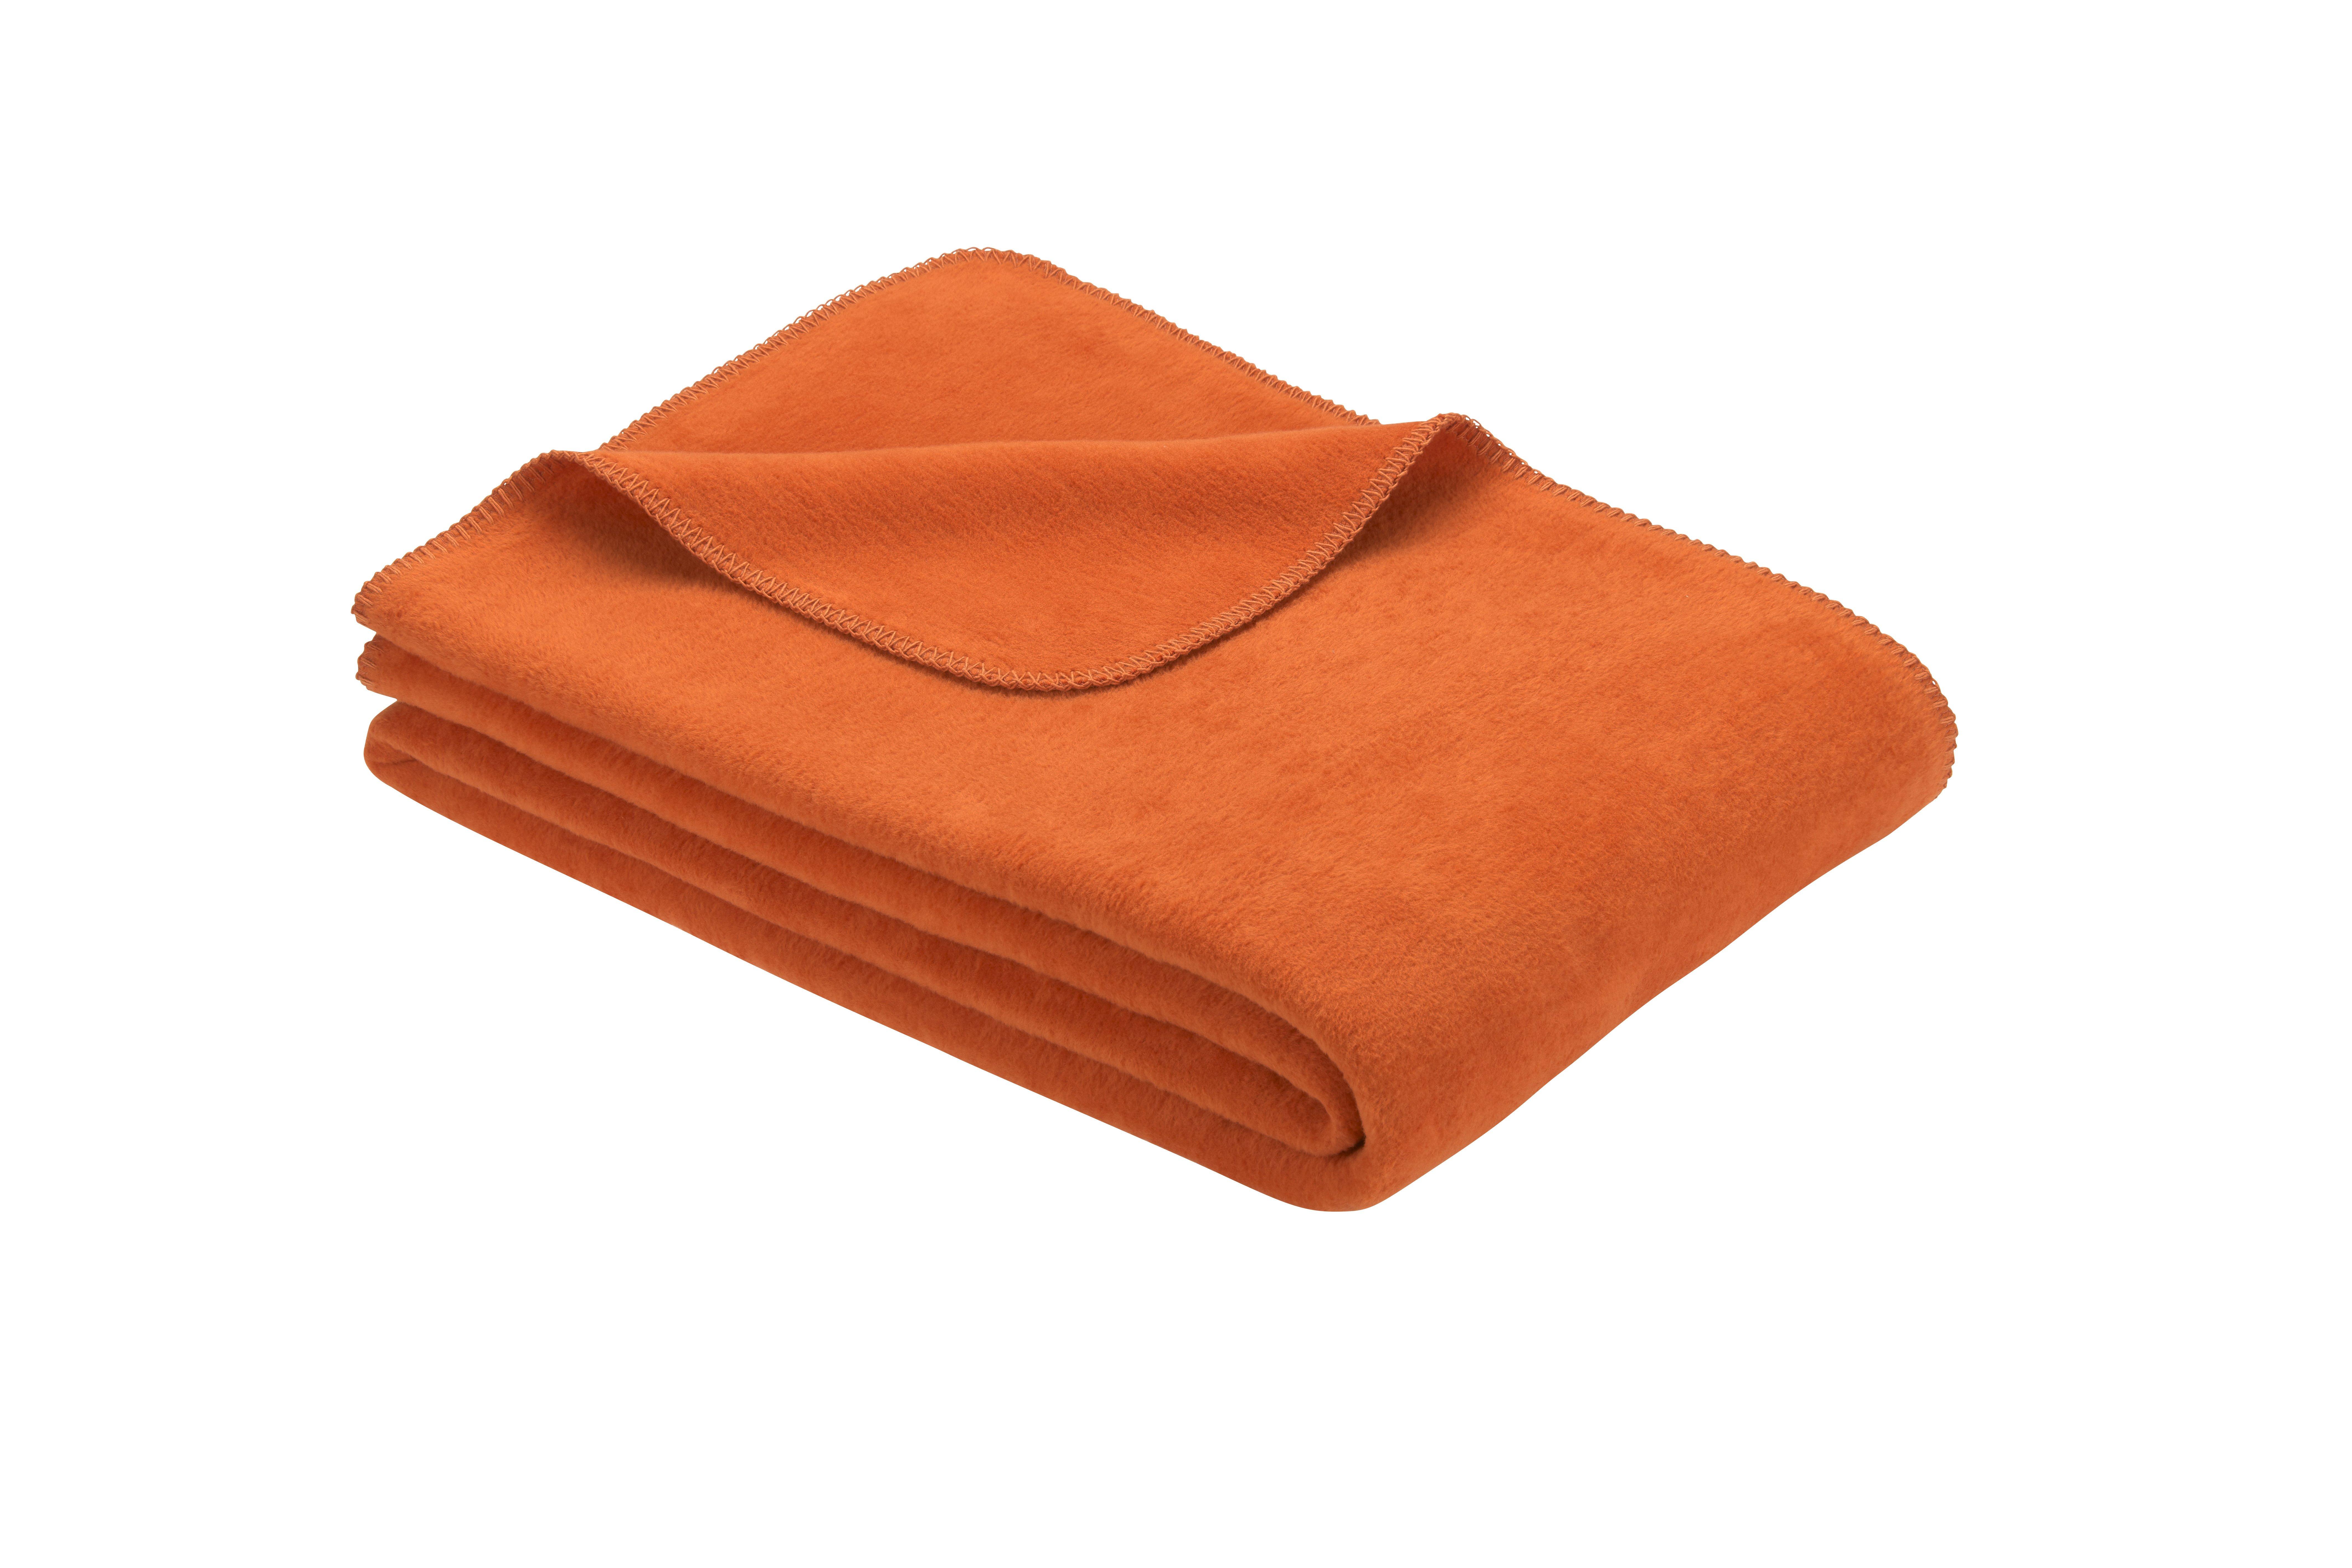 Uni Decke Bergamo mit Gots-Zertifikat Orange 150x200 cm